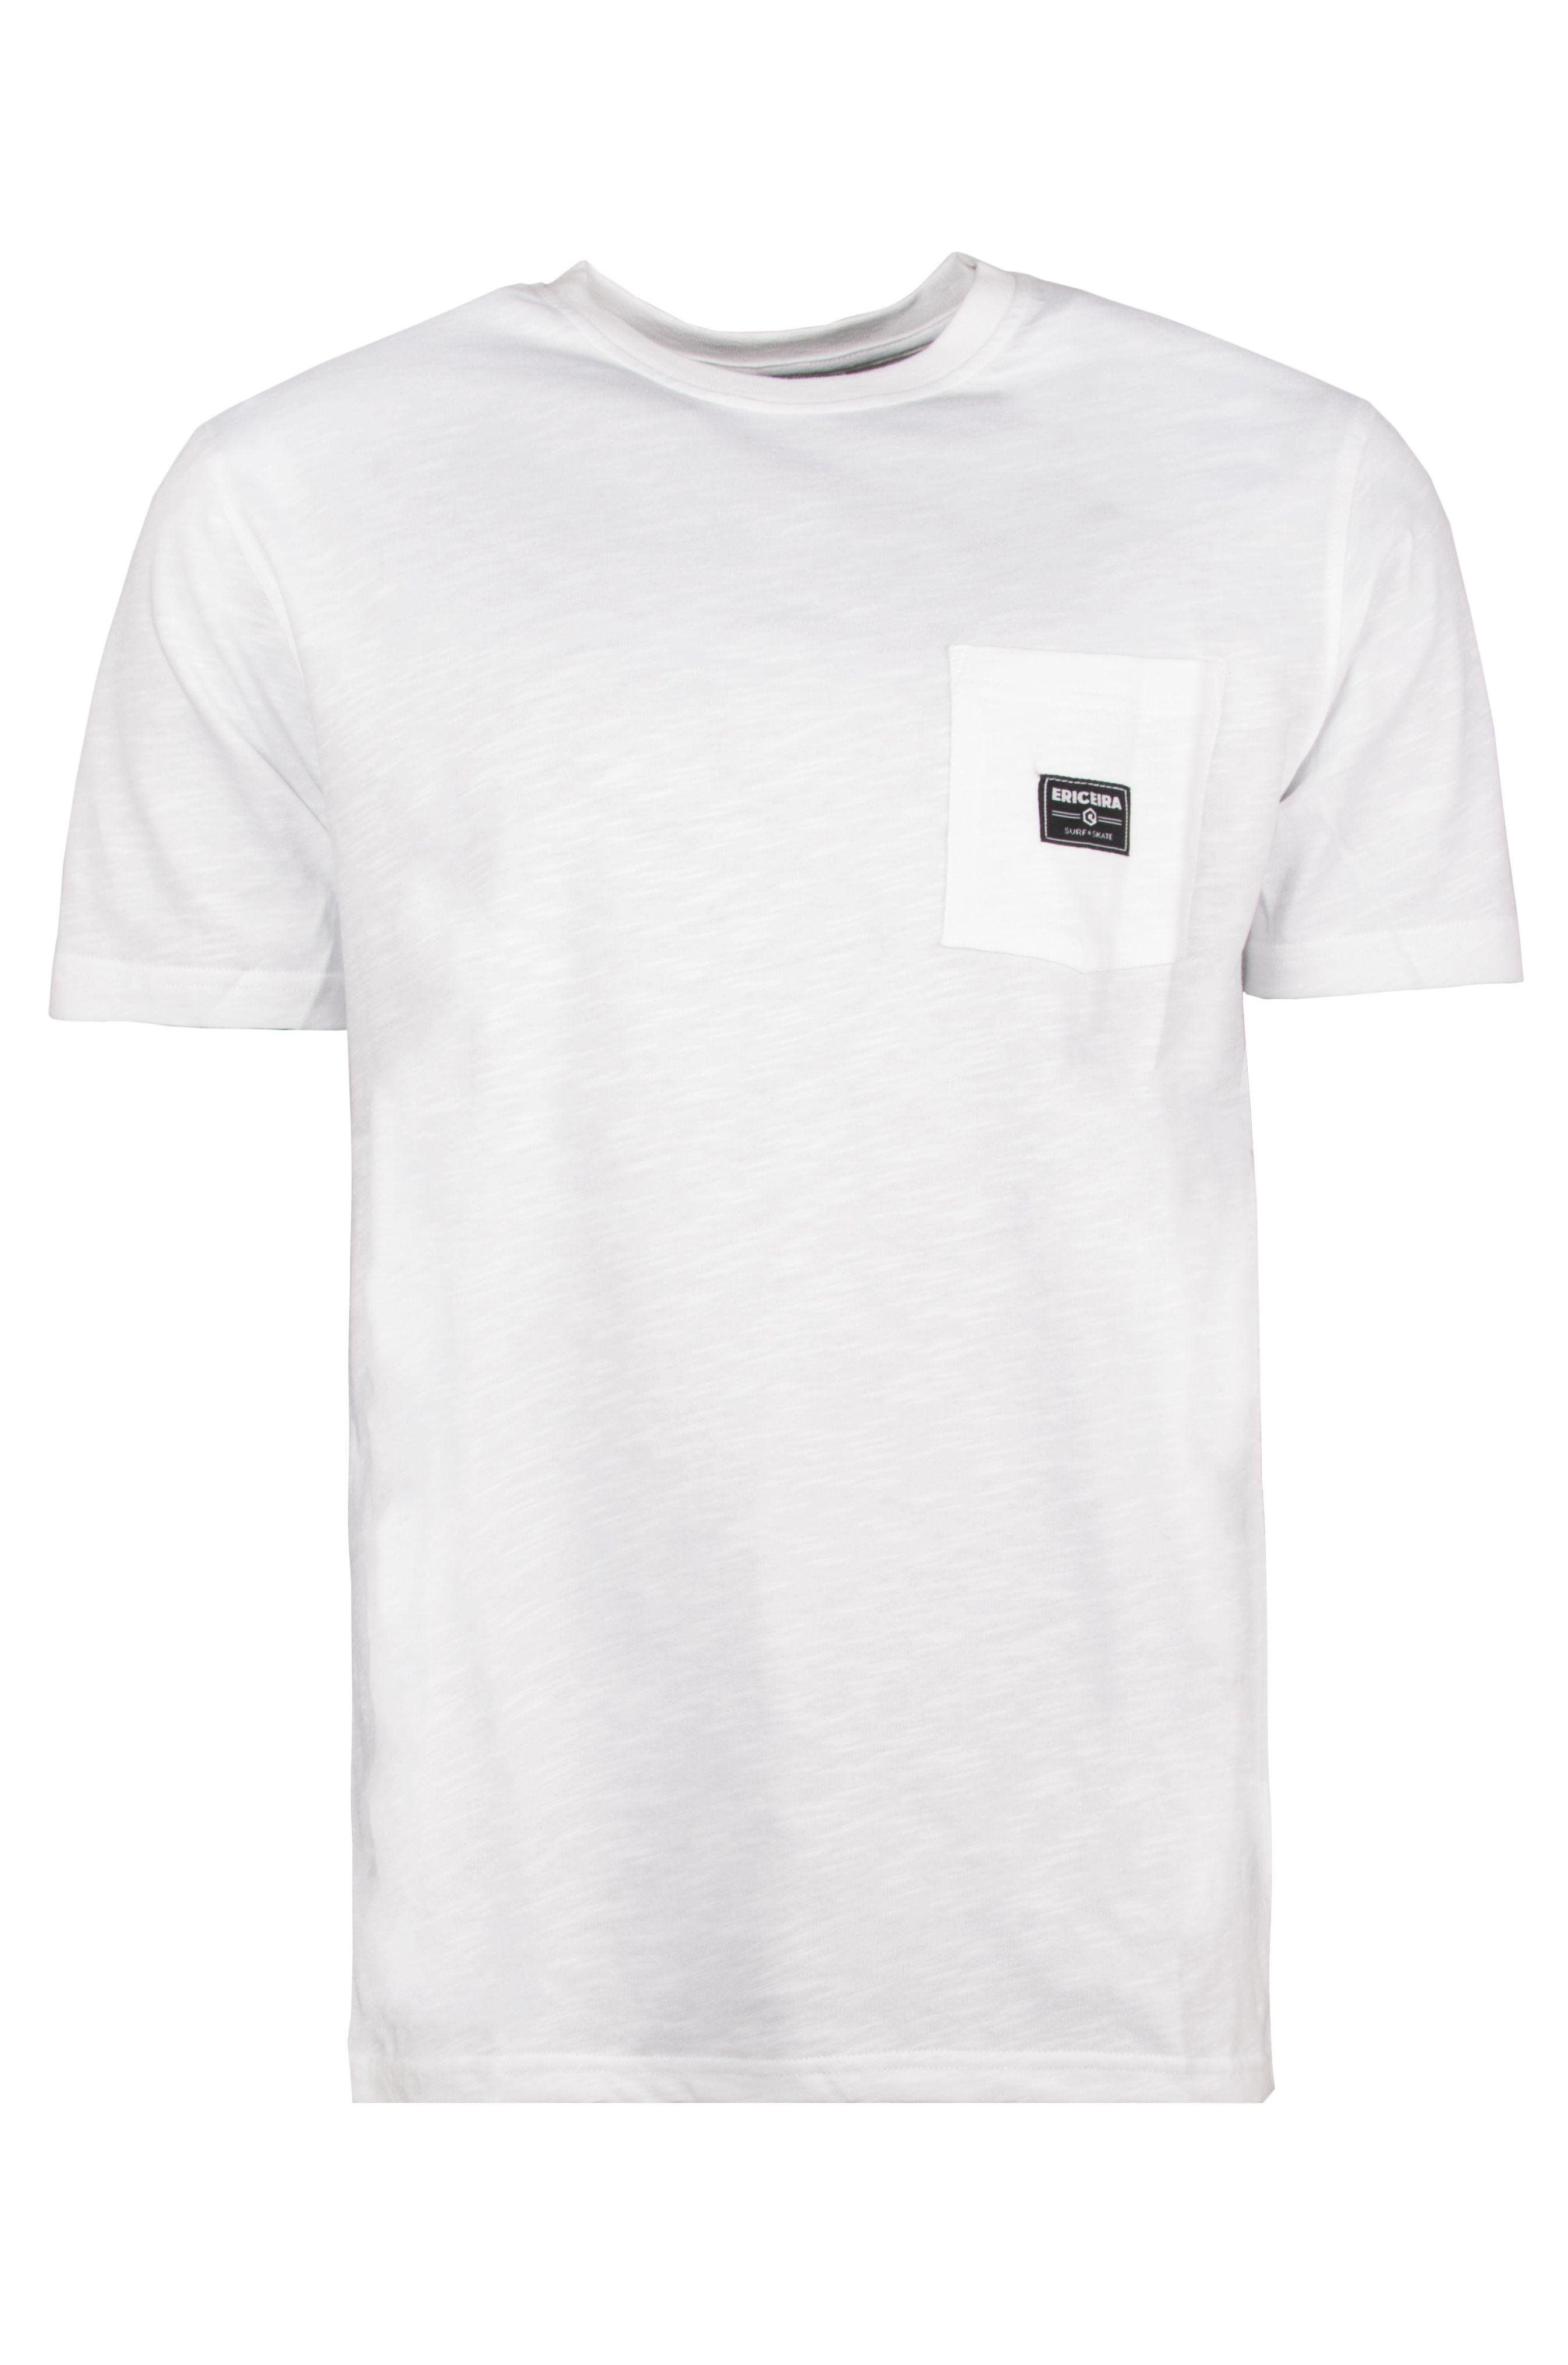 T-Shirt Ericeira Surf Skate LOGO White